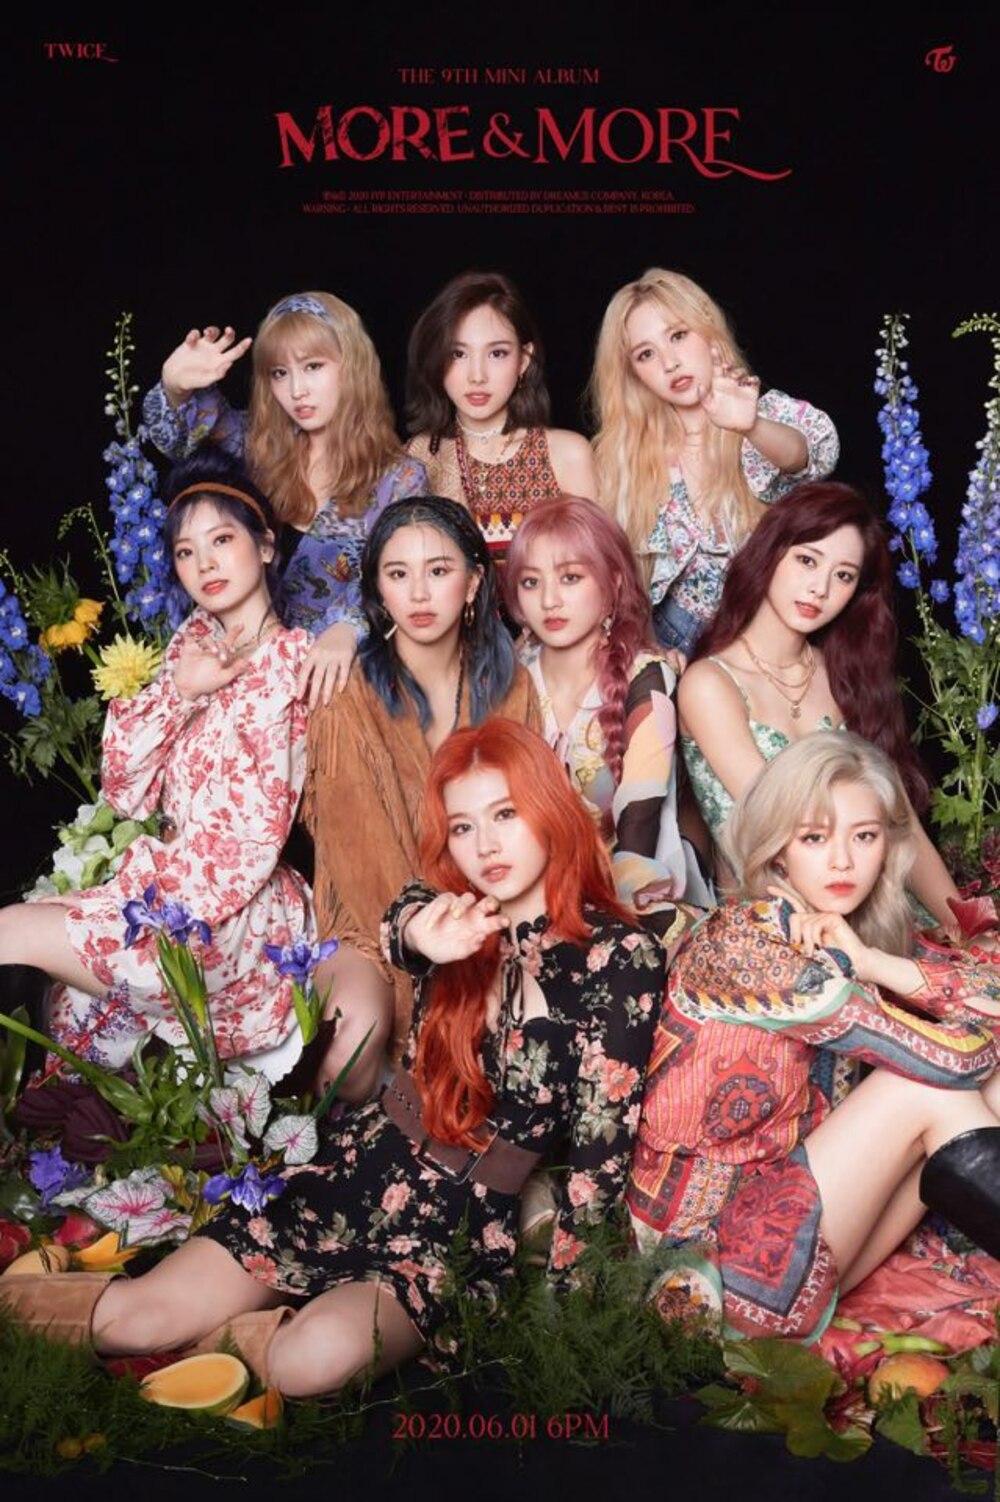 Twice và BTS thống trị top tìm kiếm tại Nhật Bản năm 2020 Ảnh 2